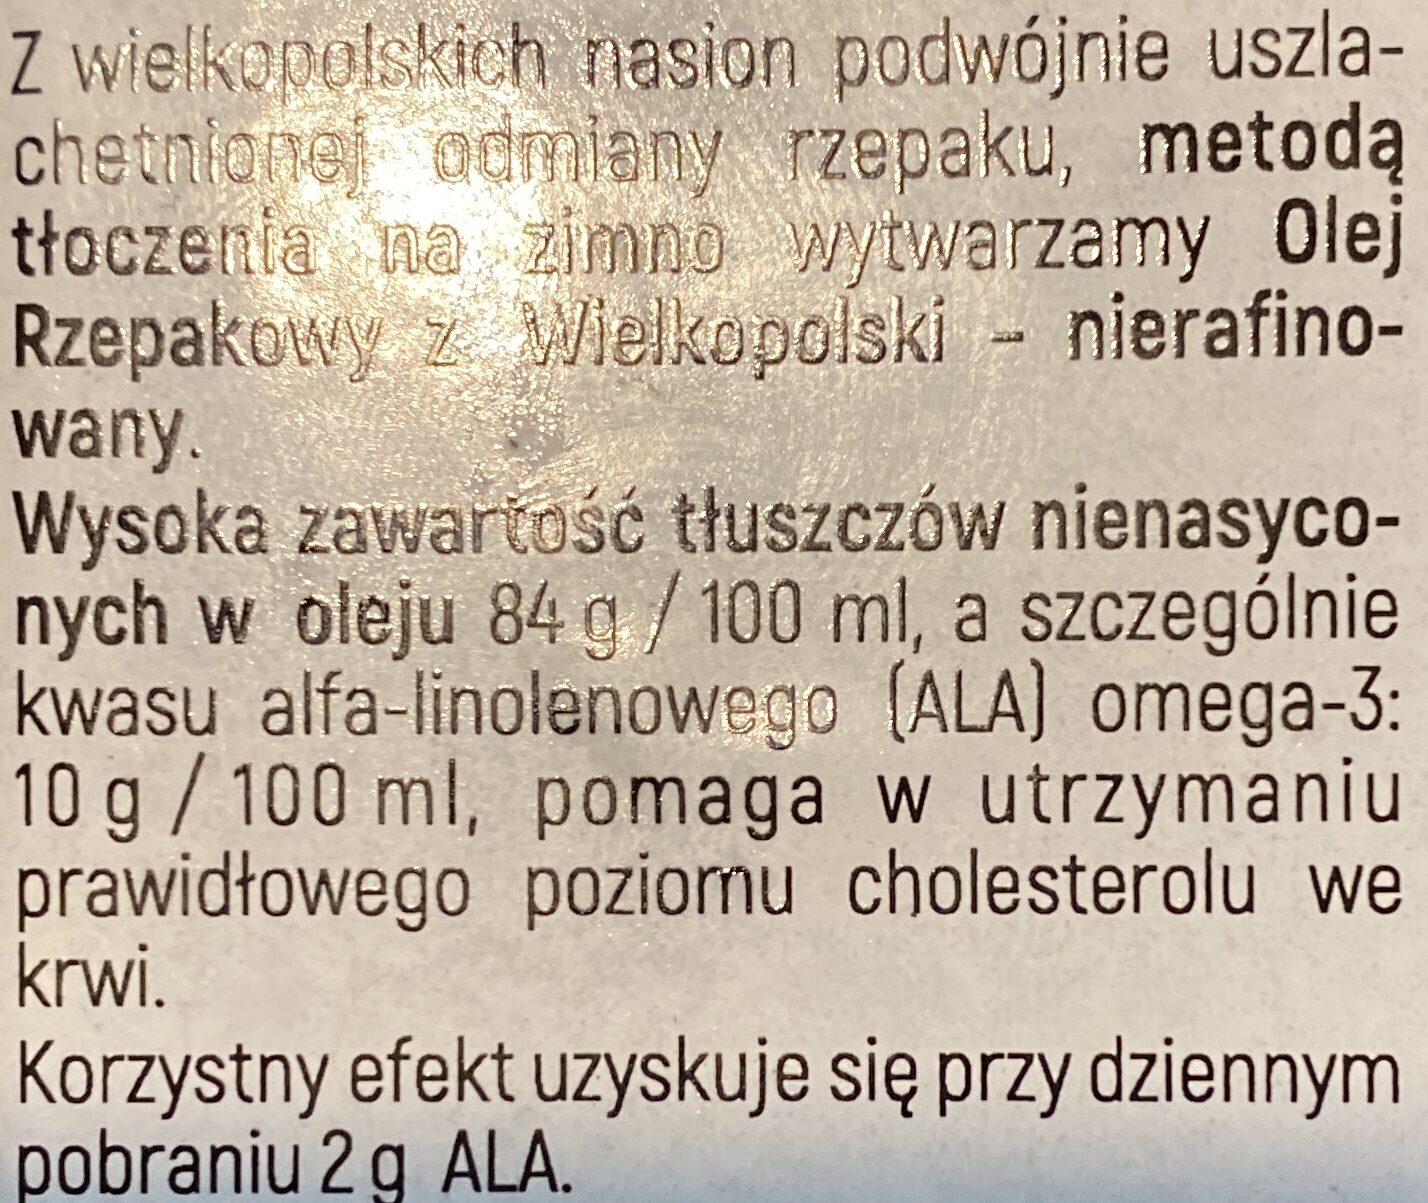 Olej rzepakowy - Ingredients - pl